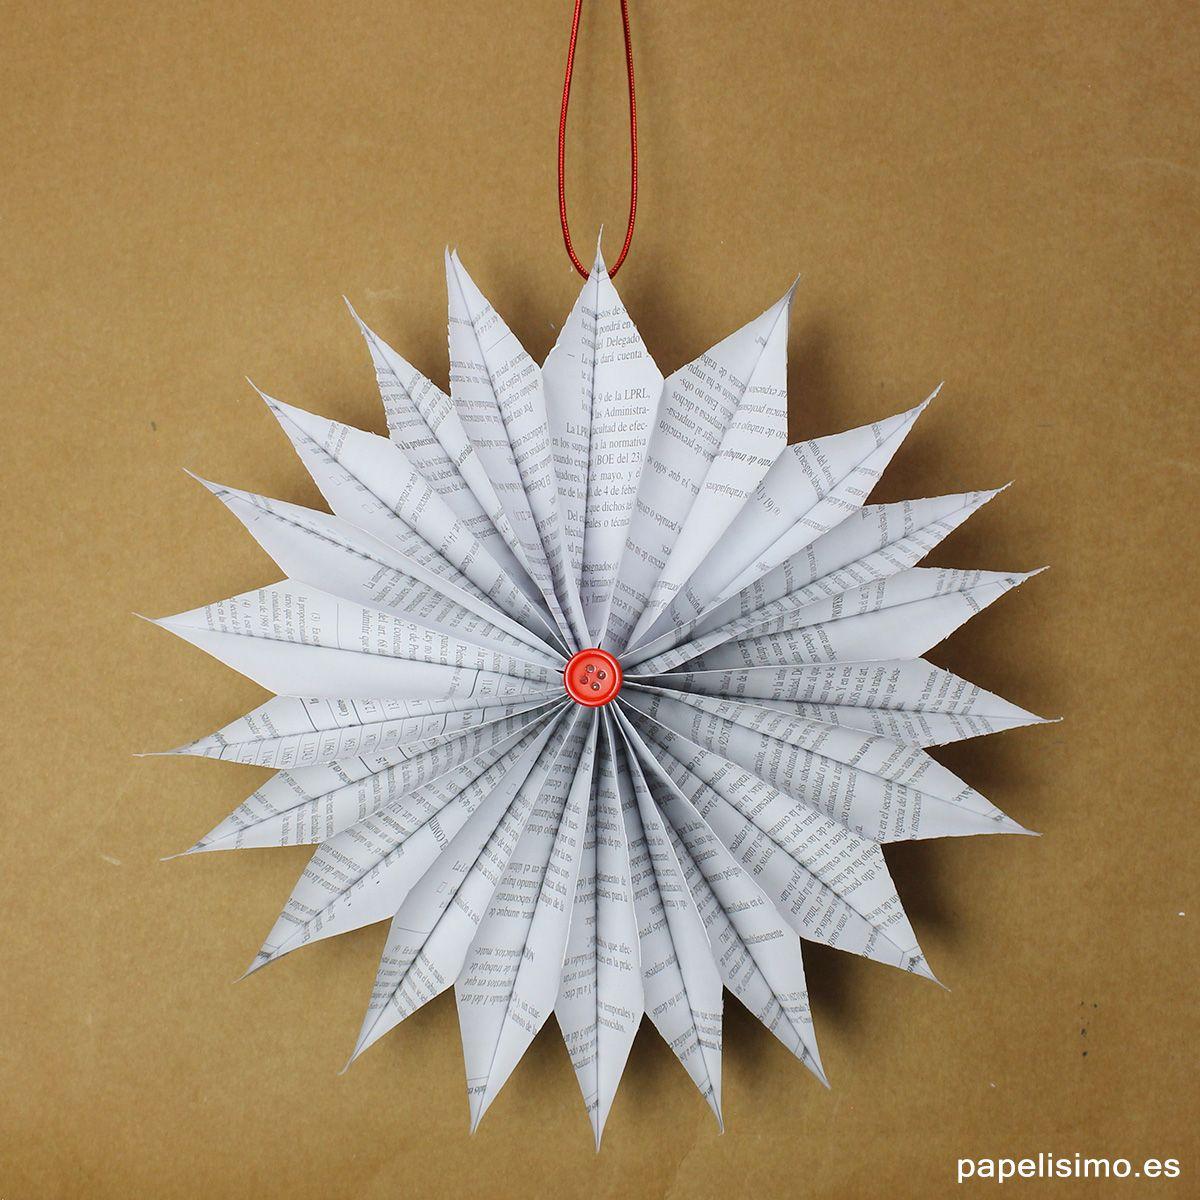 Adornos navidenos con papel periodico diy paper christmas for Decoraciones navidenas faciles de hacer